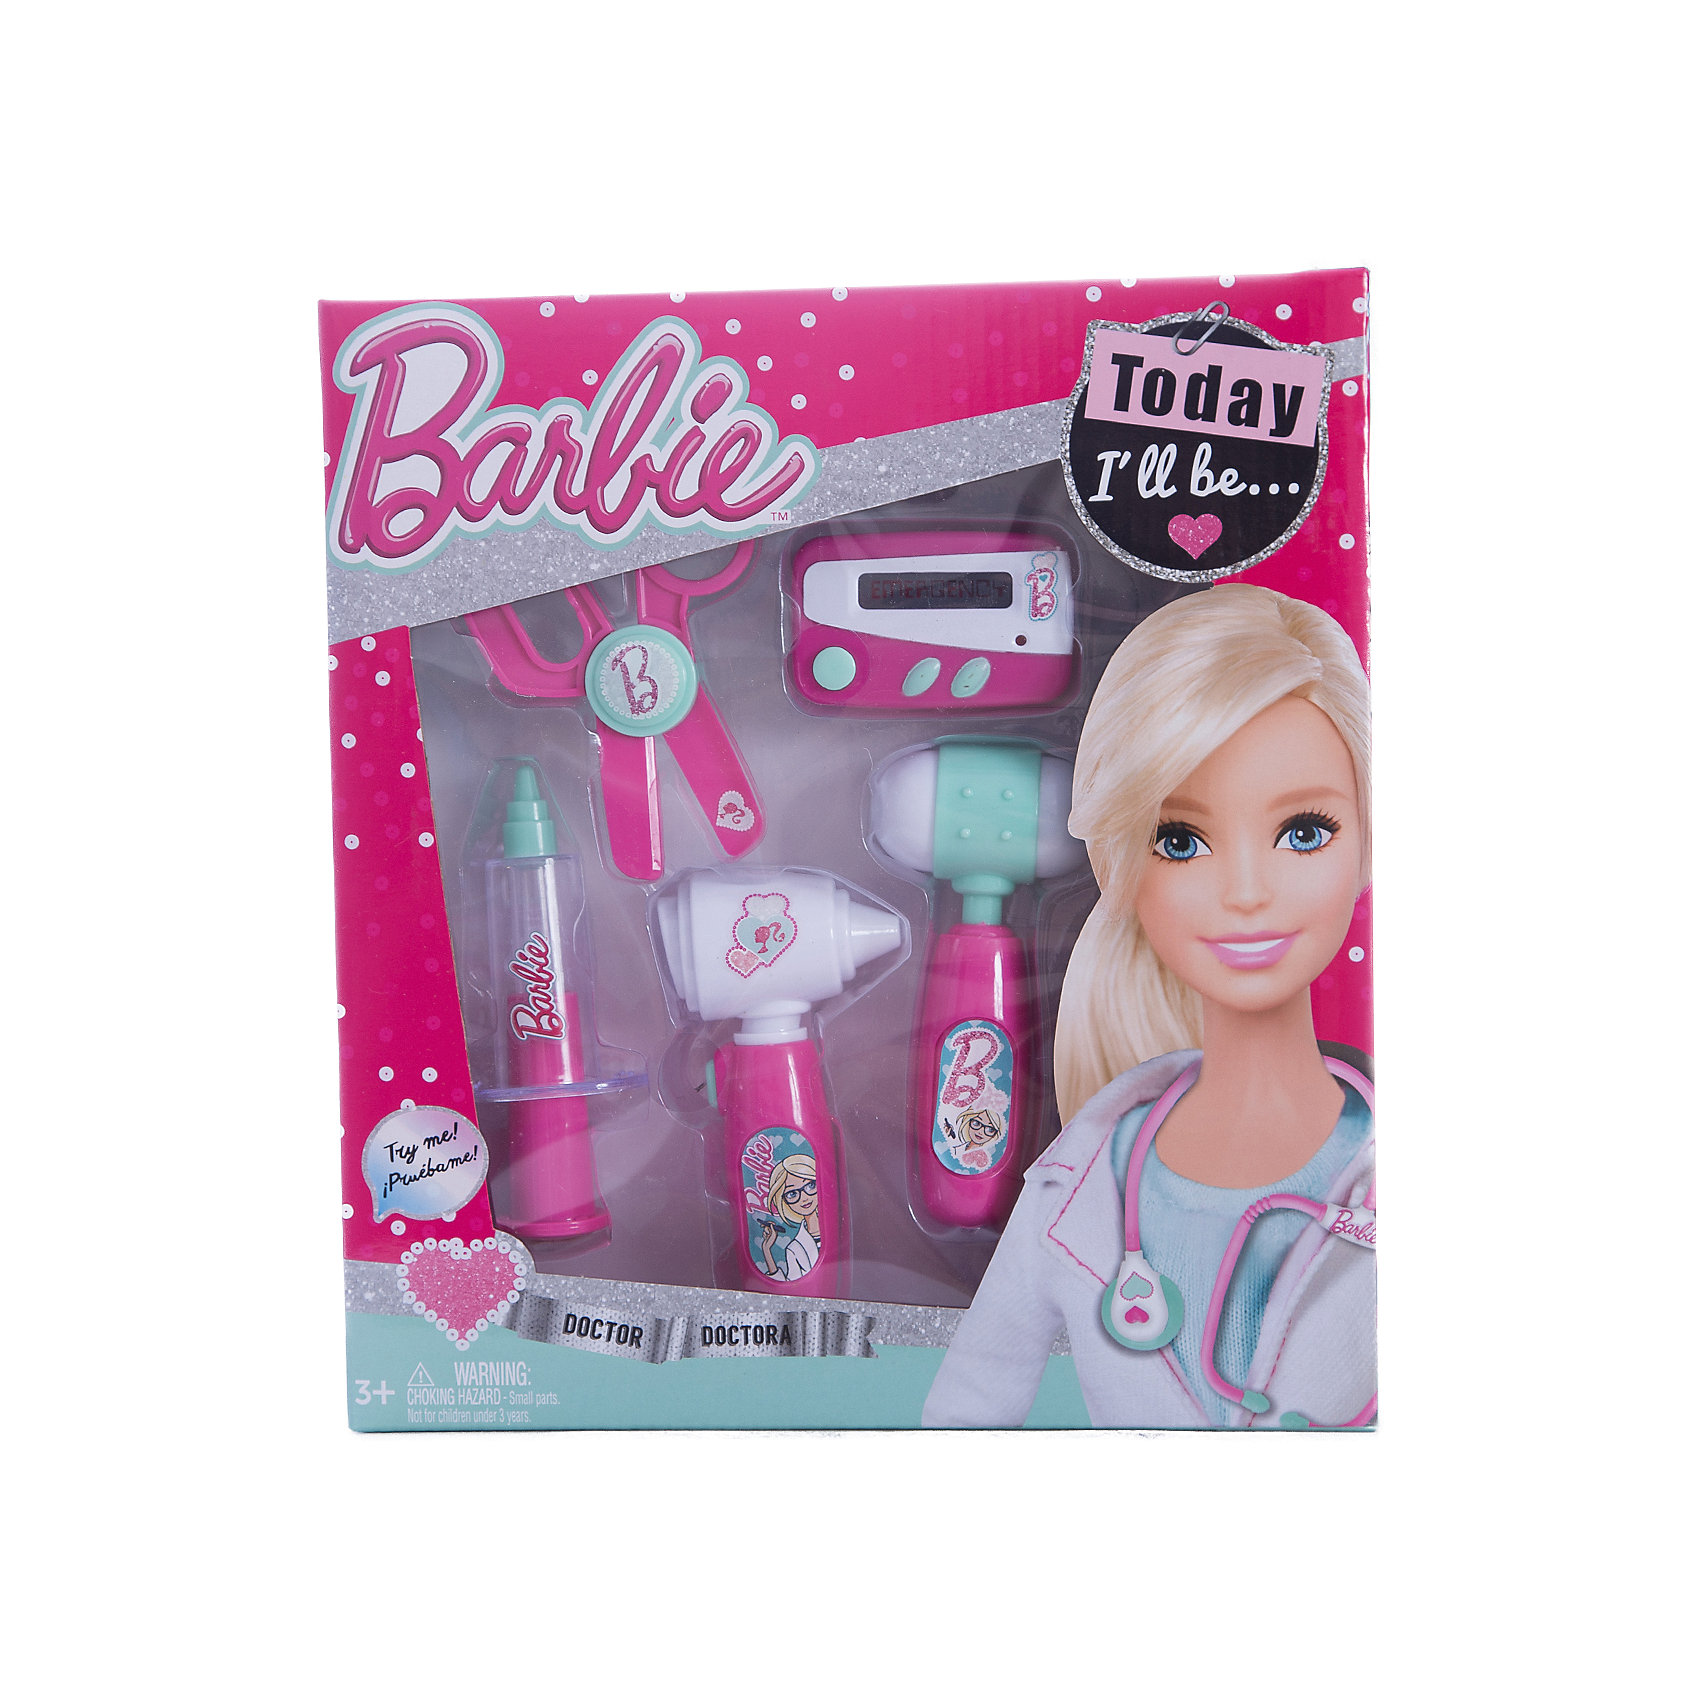 Игровой набор юного доктора компактный, BarbieBarbie<br>Игровой набор юного доктора на блистере, Barbie (Барби).<br><br>Характеристики:<br><br>• Материал: пластик. <br>• Размер упаковки: 28х4х25 см. см.<br>• Комплектация: неврологический молоточек; шприц;<br>ножницы; электронный пейджер; отоскоп - прибор для обследования ушей.<br>• Звуковые и световые эффекты. <br>• Отличная детализация. <br>• Элемент питания: для пейджера - 2 батарейки типа AG13 (в комплекте); для отоскопа - 2 батарейки типа AG10 (в комплекте). <br>• Яркий привлекательный дизайн.<br><br>С этим ярким набором врача ваша девочка почувствует себя самым настоящим доктором. Все аксессуары отлично детализированы и хорошо проработаны, очень похожи на медицинские инструменты. Игрушки изготовлены из экологичного пластика, в производстве которого использованы только безопасные нетоксичные красители.<br><br>Игровой набор юного доктора на блистере, Barbie (Барби), можно купить в нашем интернет-магазине.<br><br>Ширина мм: 260<br>Глубина мм: 280<br>Высота мм: 400<br>Вес г: 332<br>Возраст от месяцев: 36<br>Возраст до месяцев: 2147483647<br>Пол: Женский<br>Возраст: Детский<br>SKU: 5238933